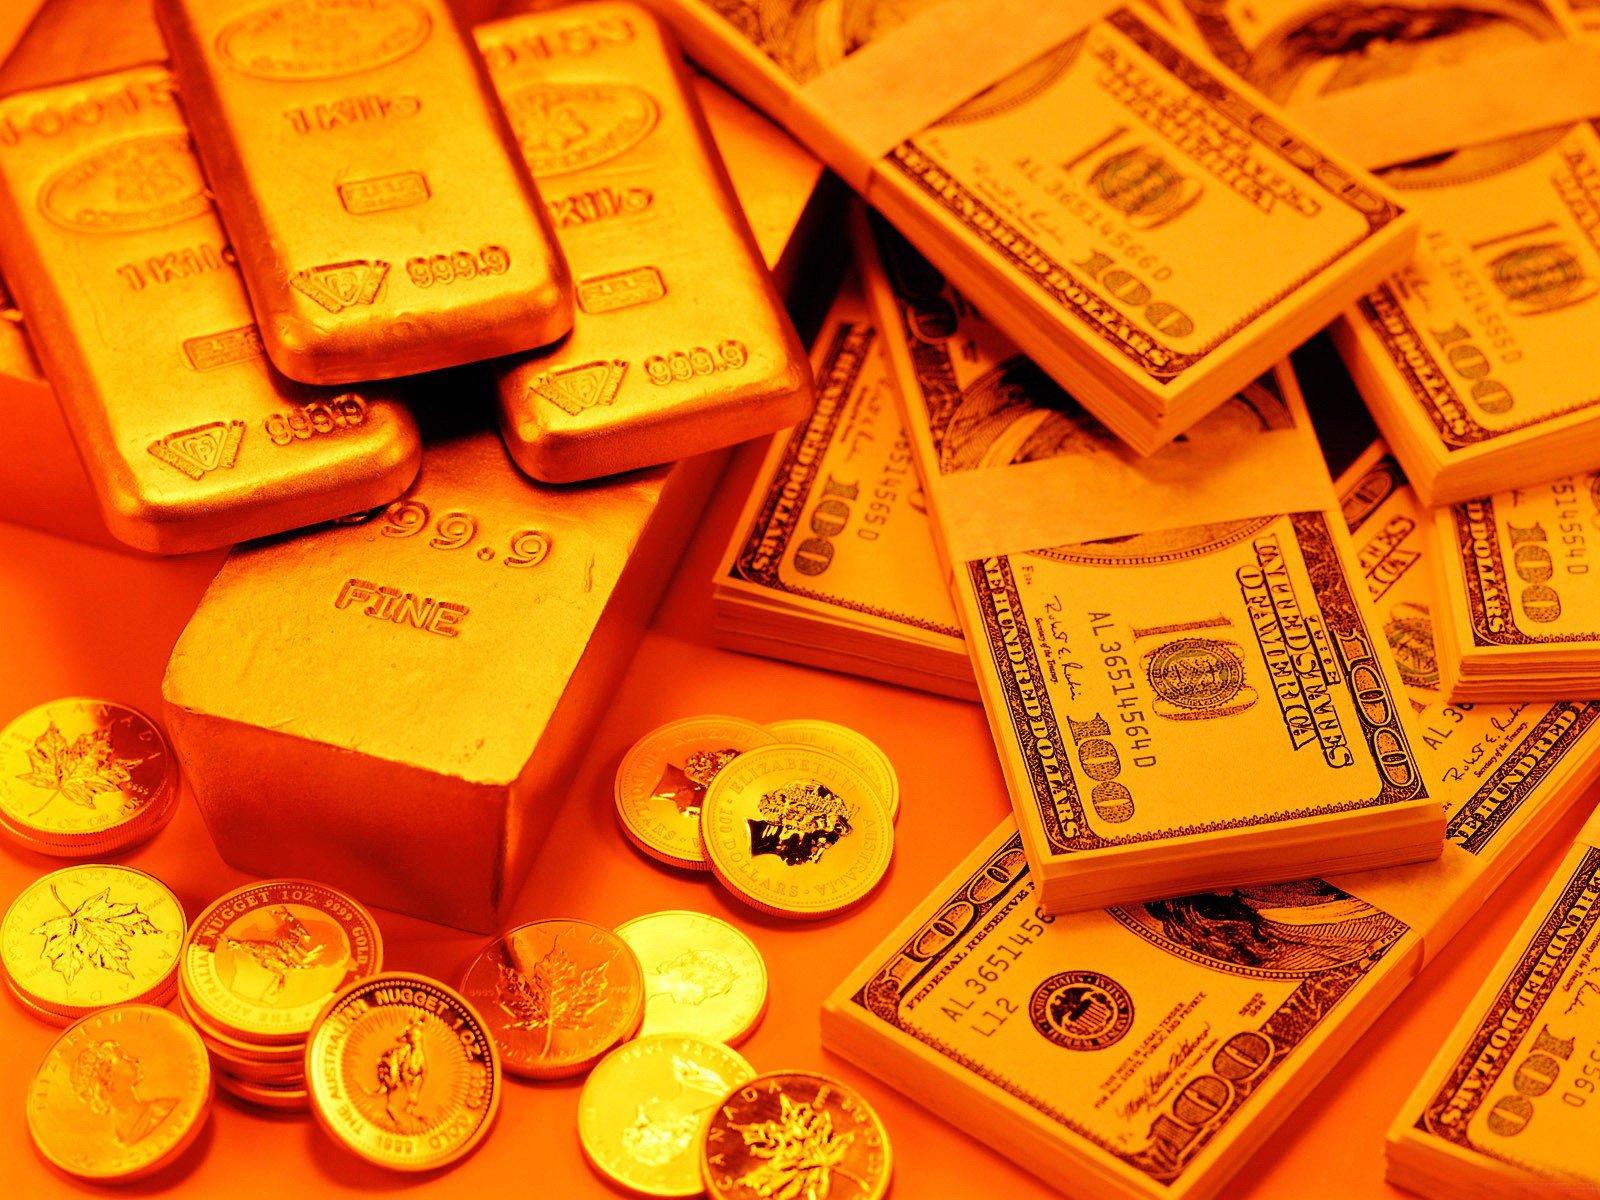 اسعار الذهب اليوم الاثنين في مصر 21-4-2014 , The price of gold in Egypt